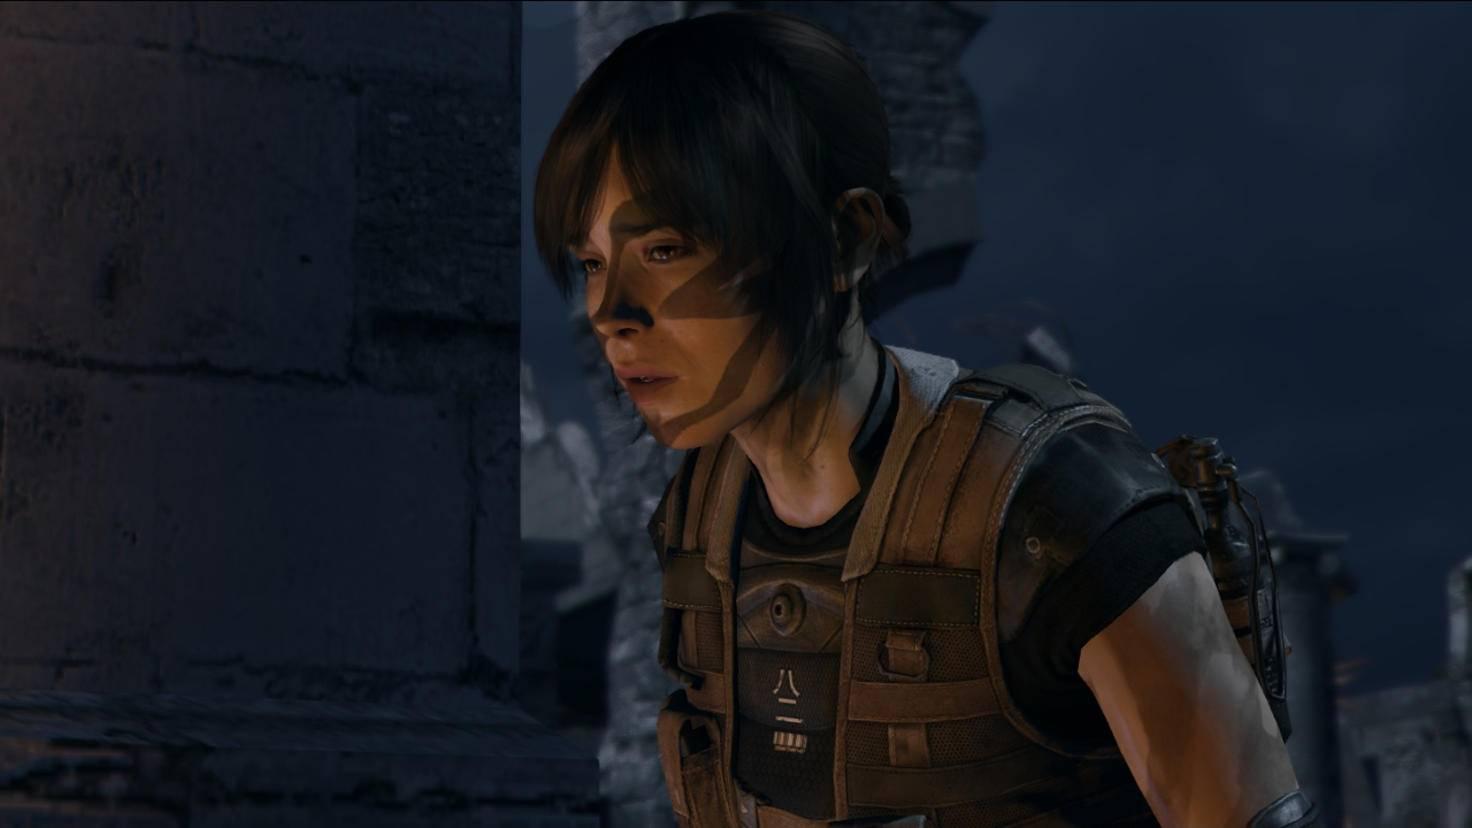 """""""Beyond: Two Souls"""" mit Ellen Page in der Hauptrolle erschien 2013 für die PS3 und später auch für die PS4. Außerhalb des Sony-Kosmos ist das Game nur über Umwege spielbar."""